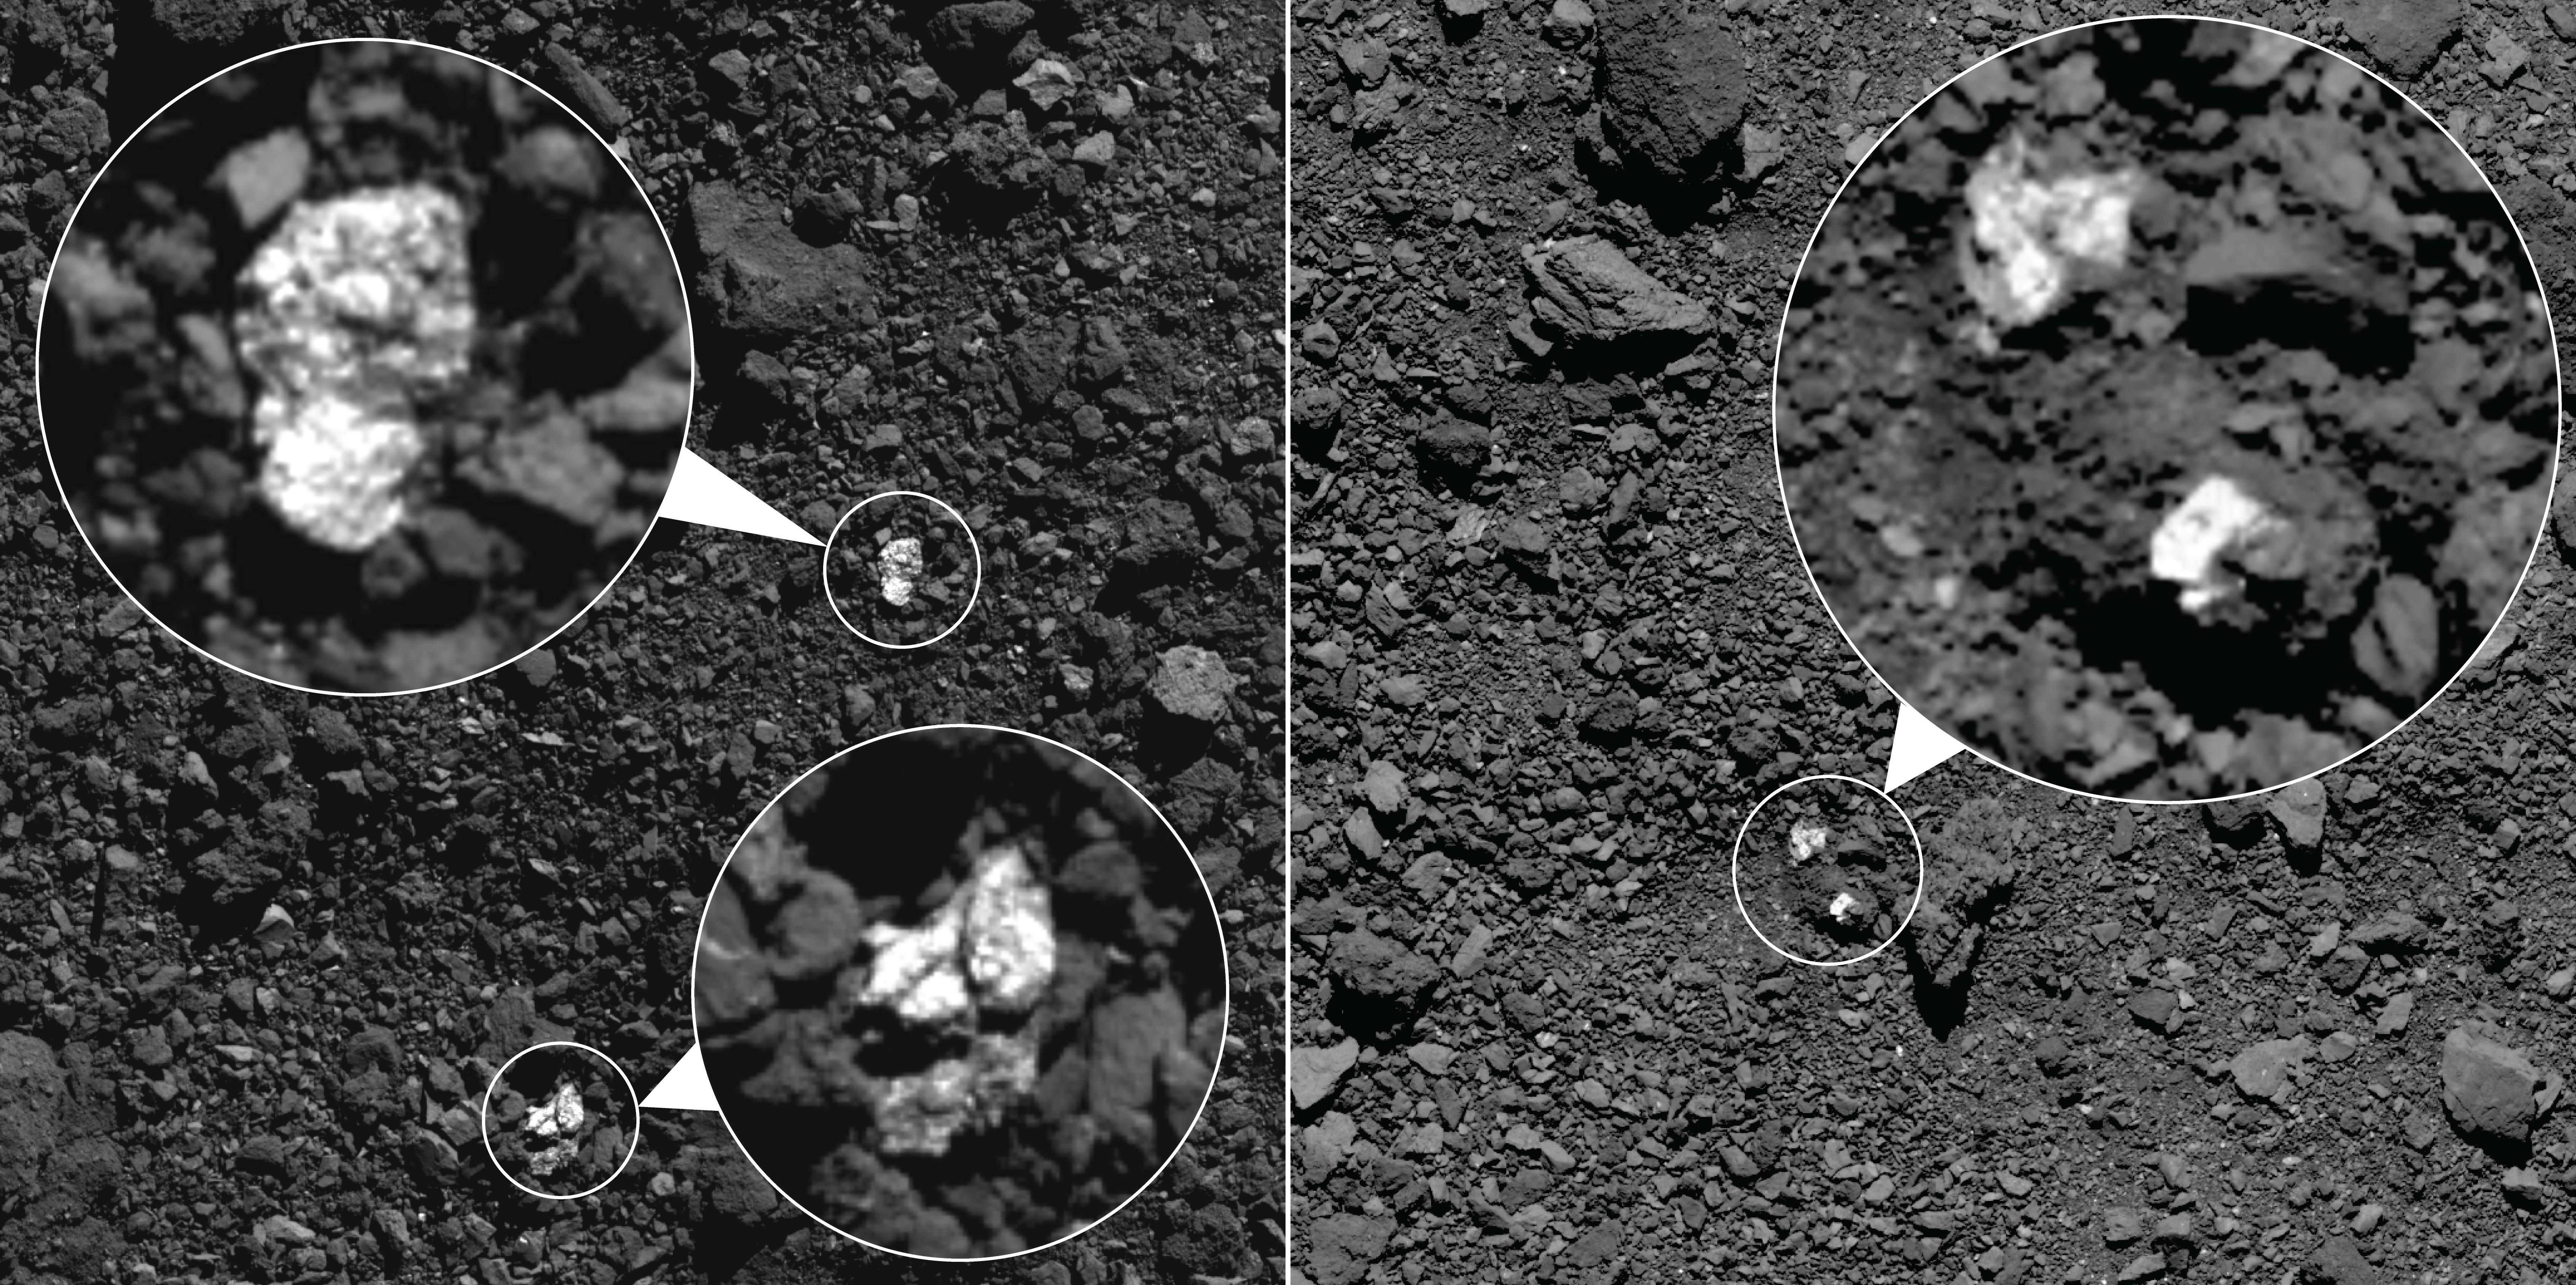 Esses são os fragmentos localizados. (Créditos da imagem: NASA/Goddard/University of Arizona).